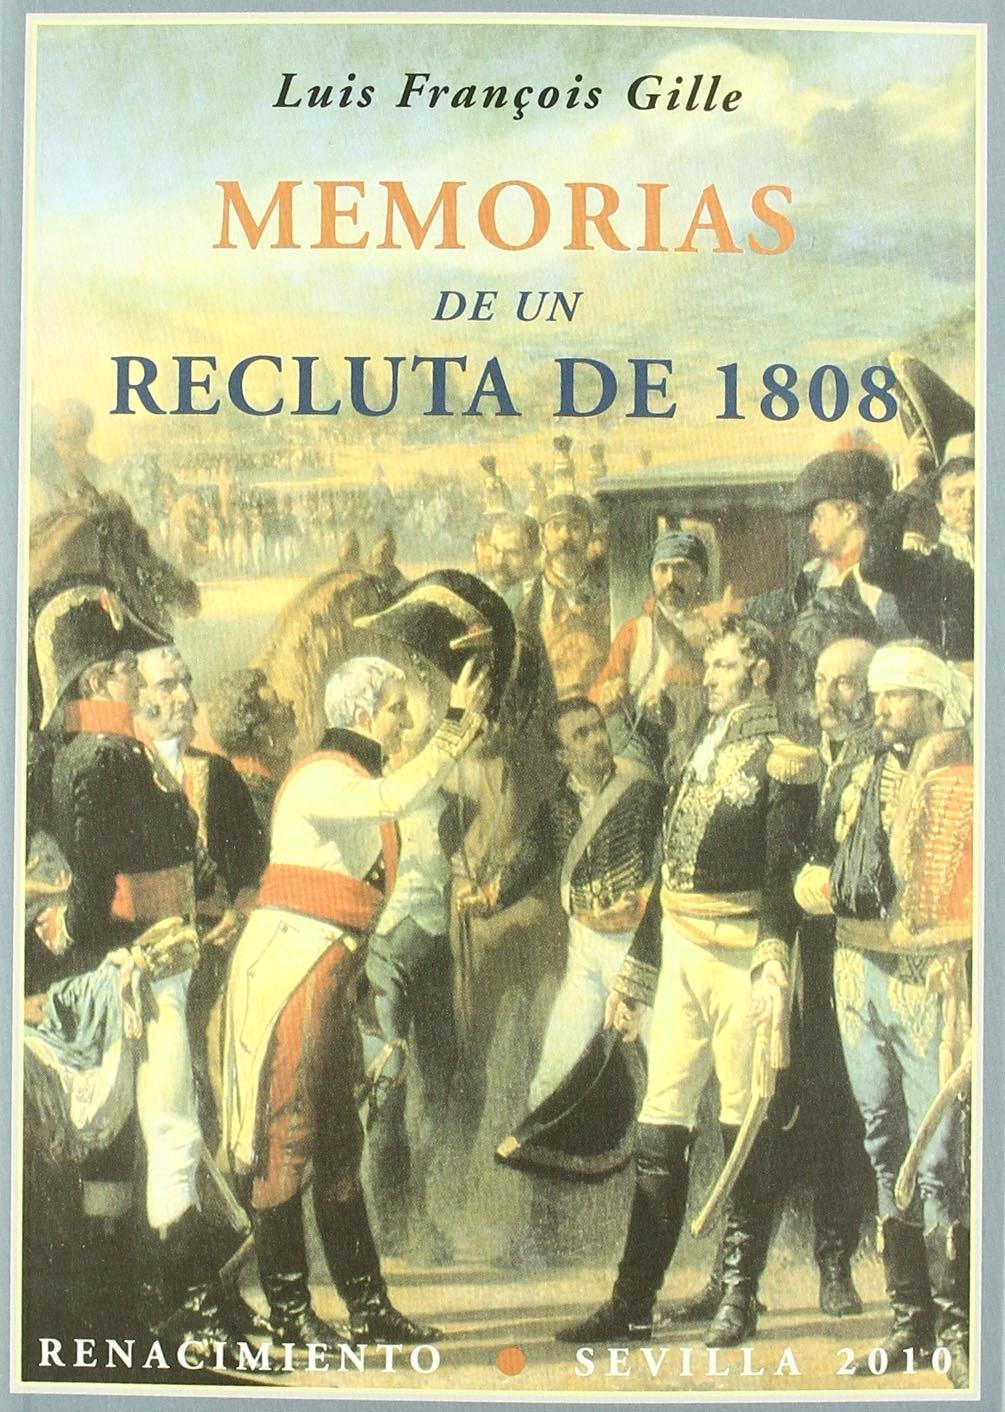 Memorias De Un Recluta De 1808 (Biblioteca Histórica): Amazon.es: François Gille, Louis, Moreno Alonso, Manuel, Linares del Castillo-Valero, Christina: Libros